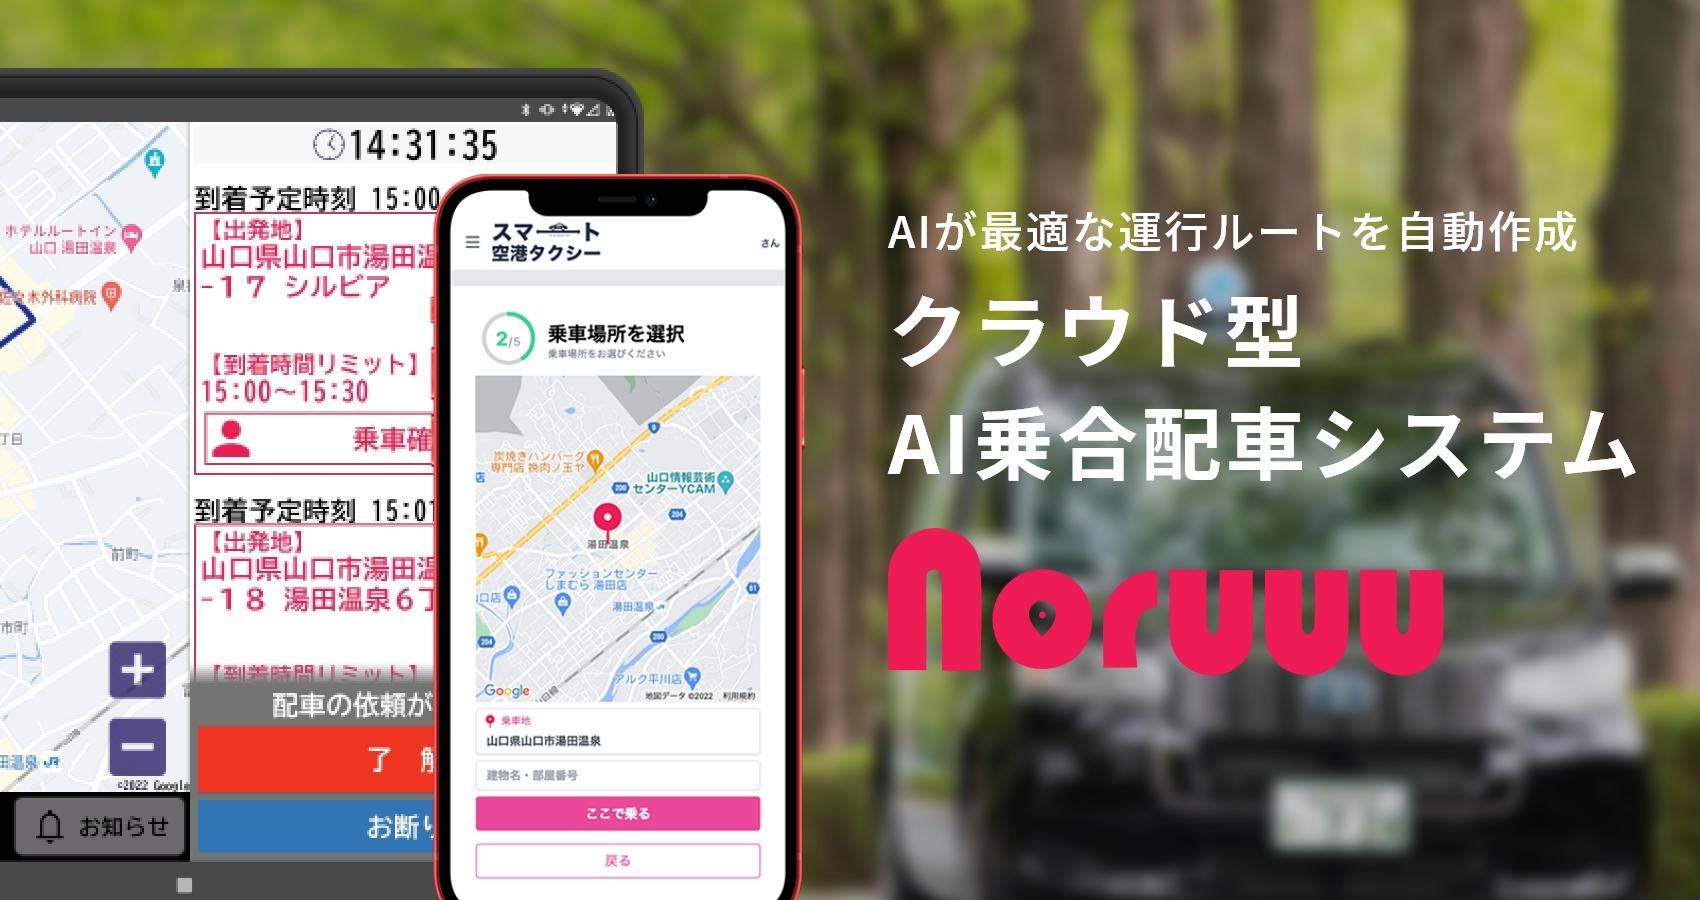 AI乗合配車システム「Noruuu」